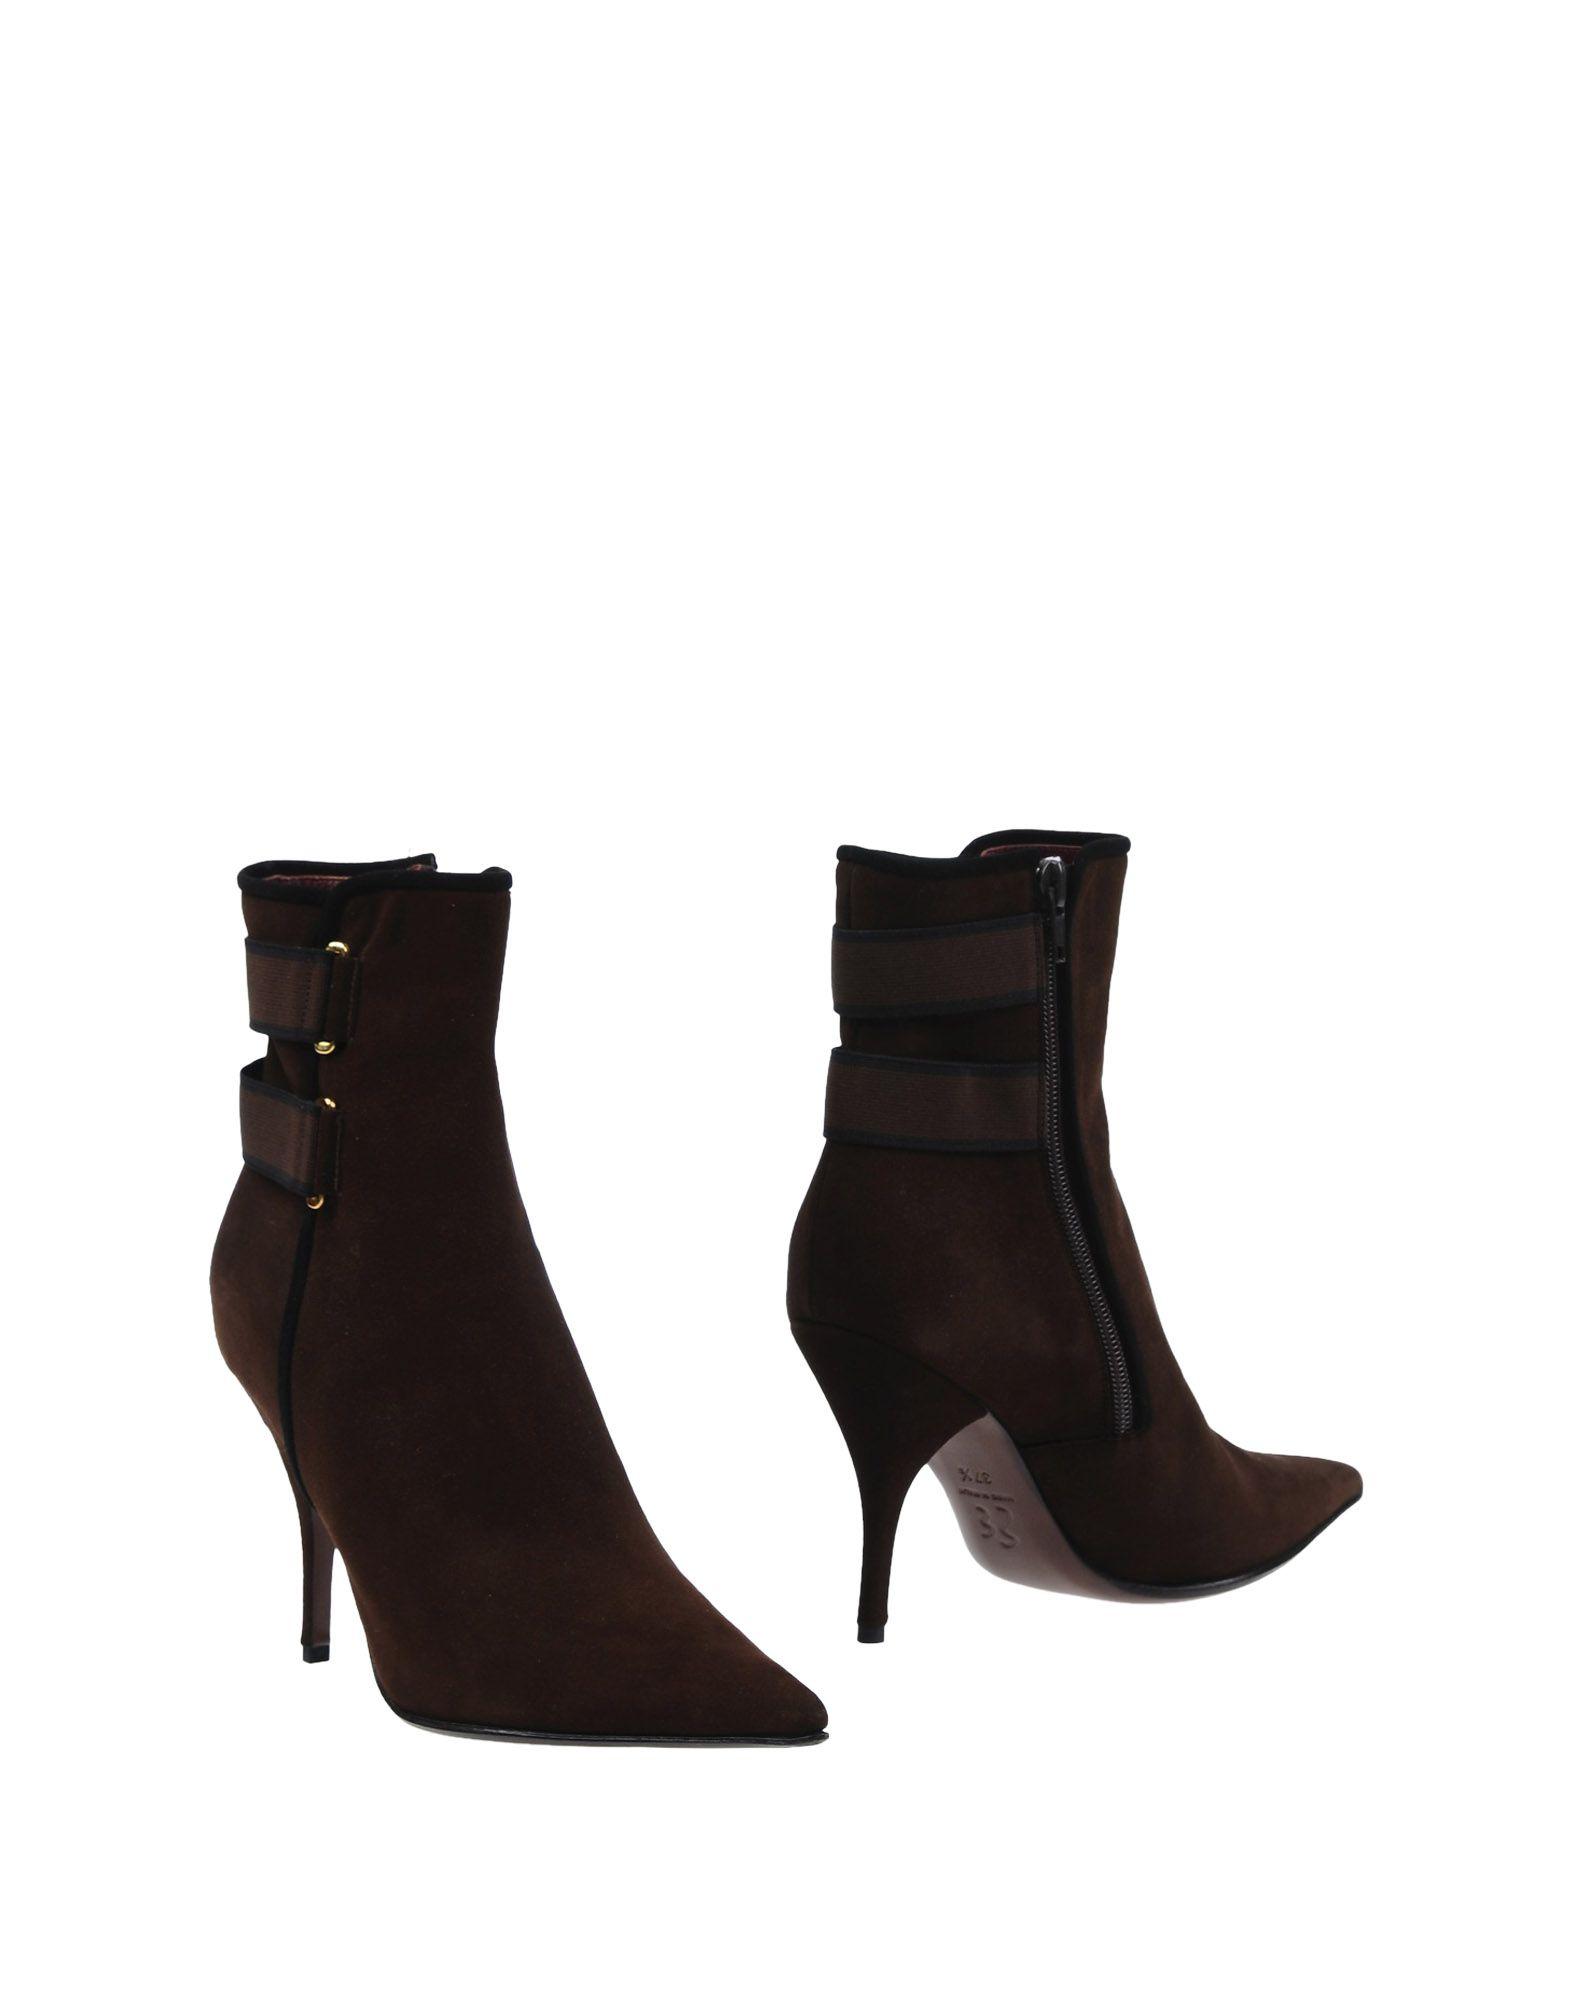 ERNESTO ESPOSITO Ankle Boot in Dark Brown